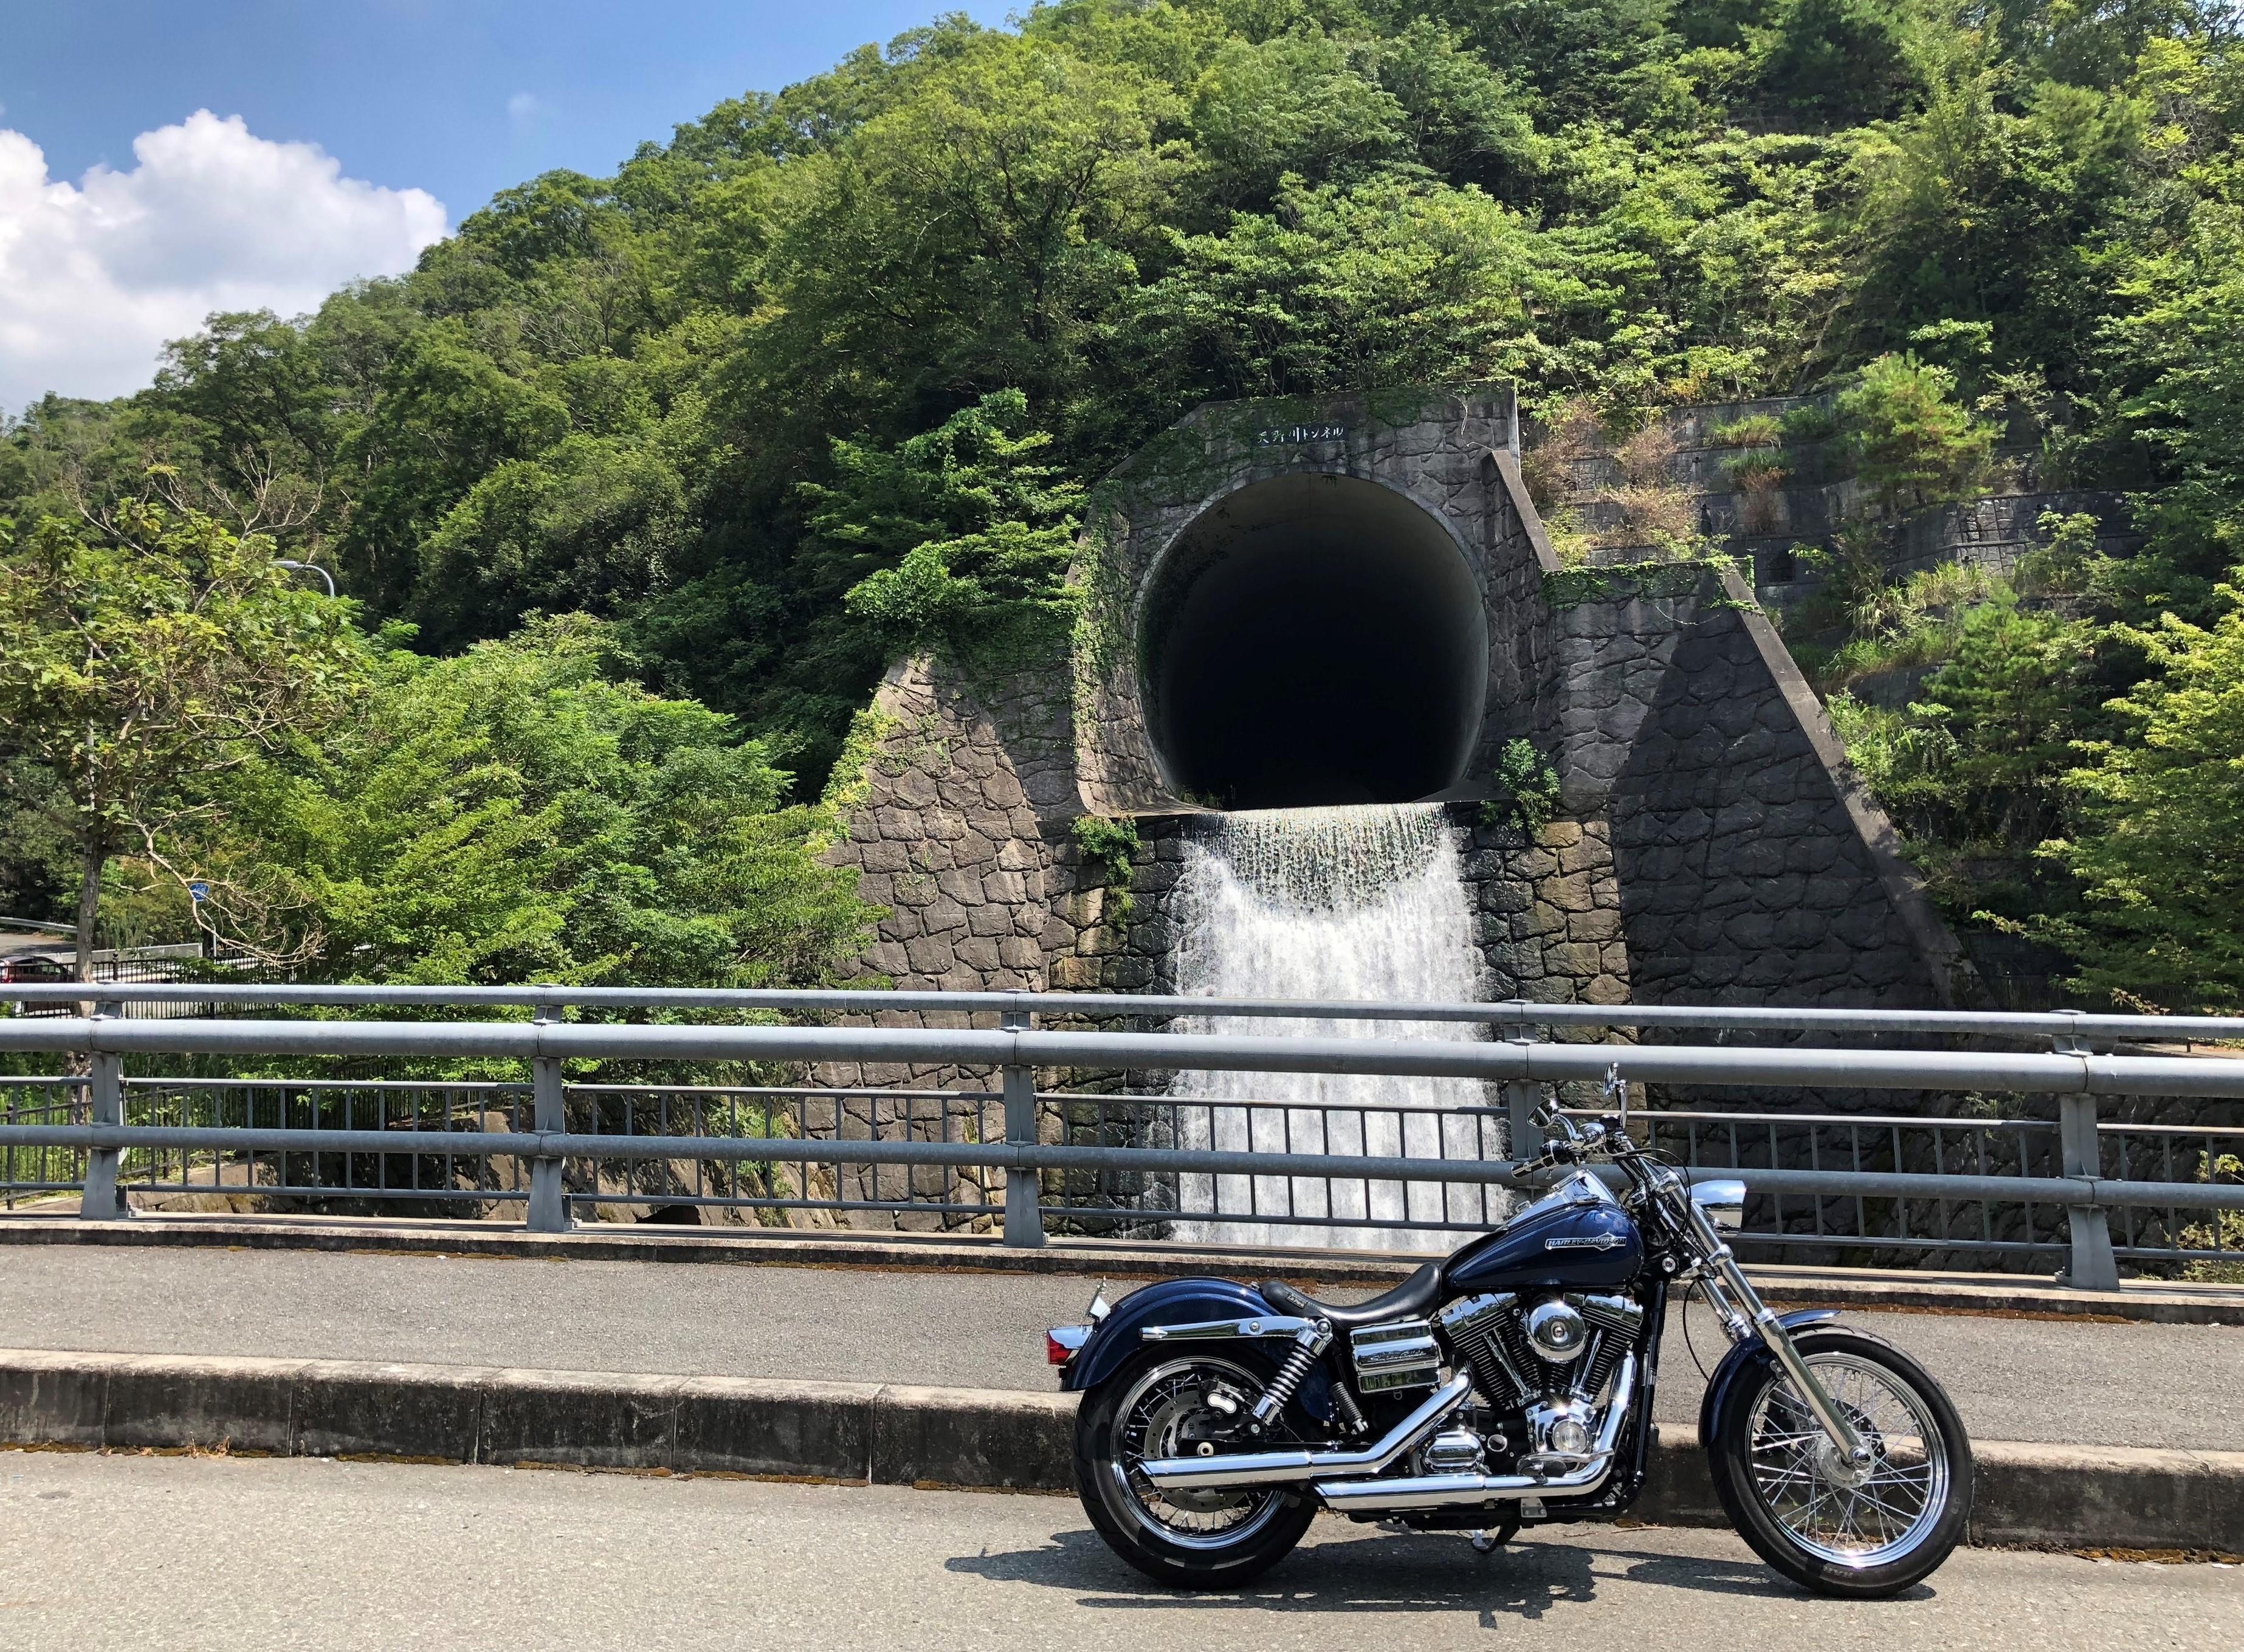 ハーレー 磐船街道 名物カレーを食べる 天の川トンネル2